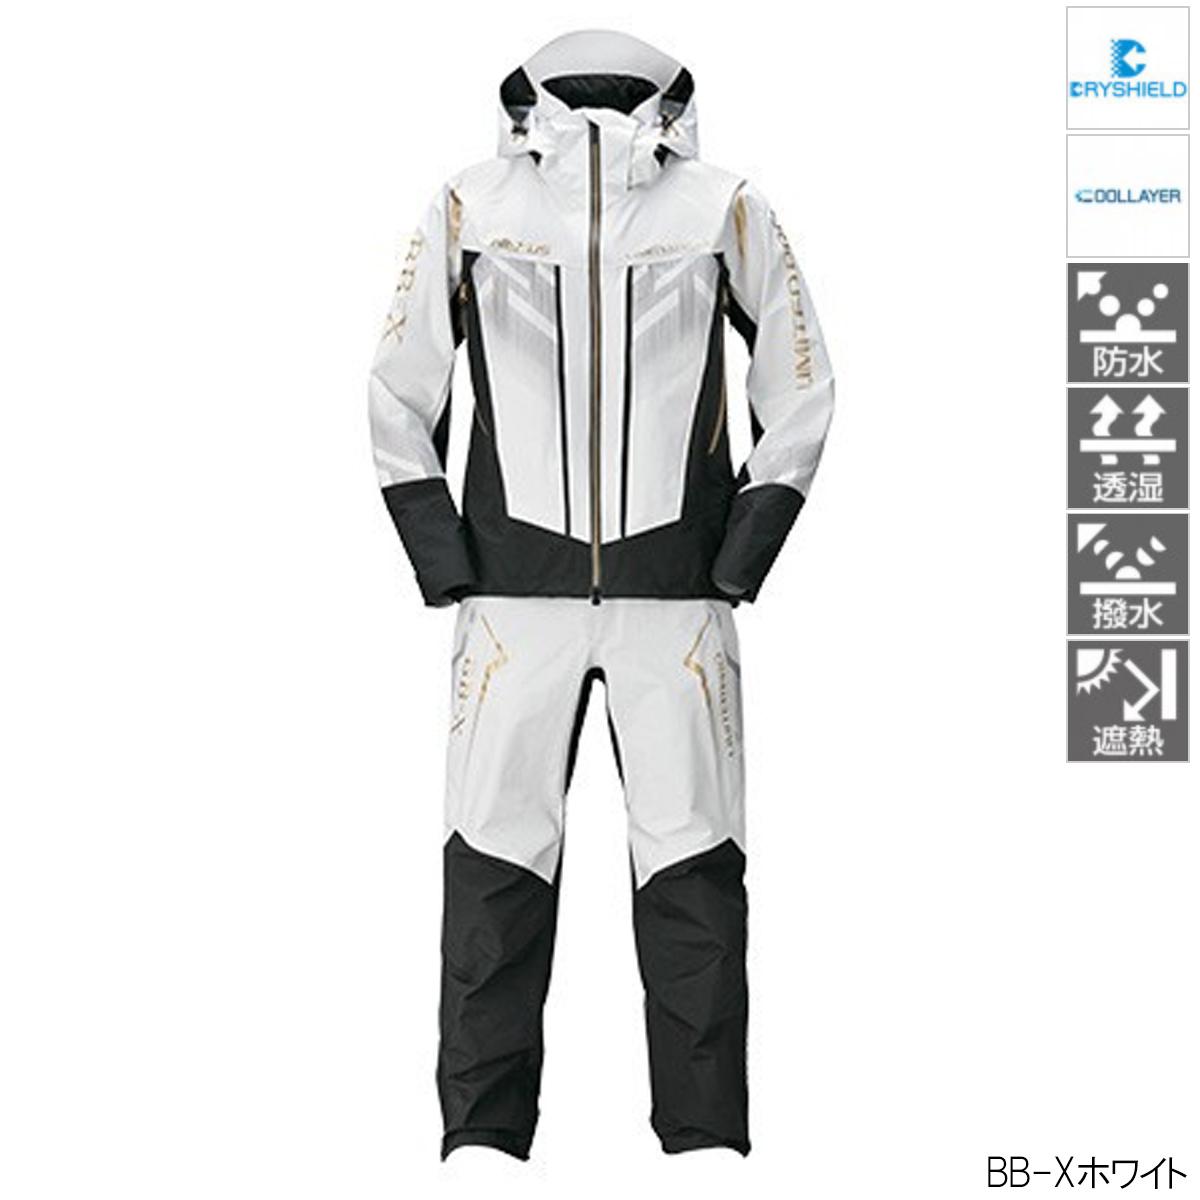 シマノ NEXUS DSクール レインスーツ LIMITED PRO RA-123T XL BB-Xホワイト